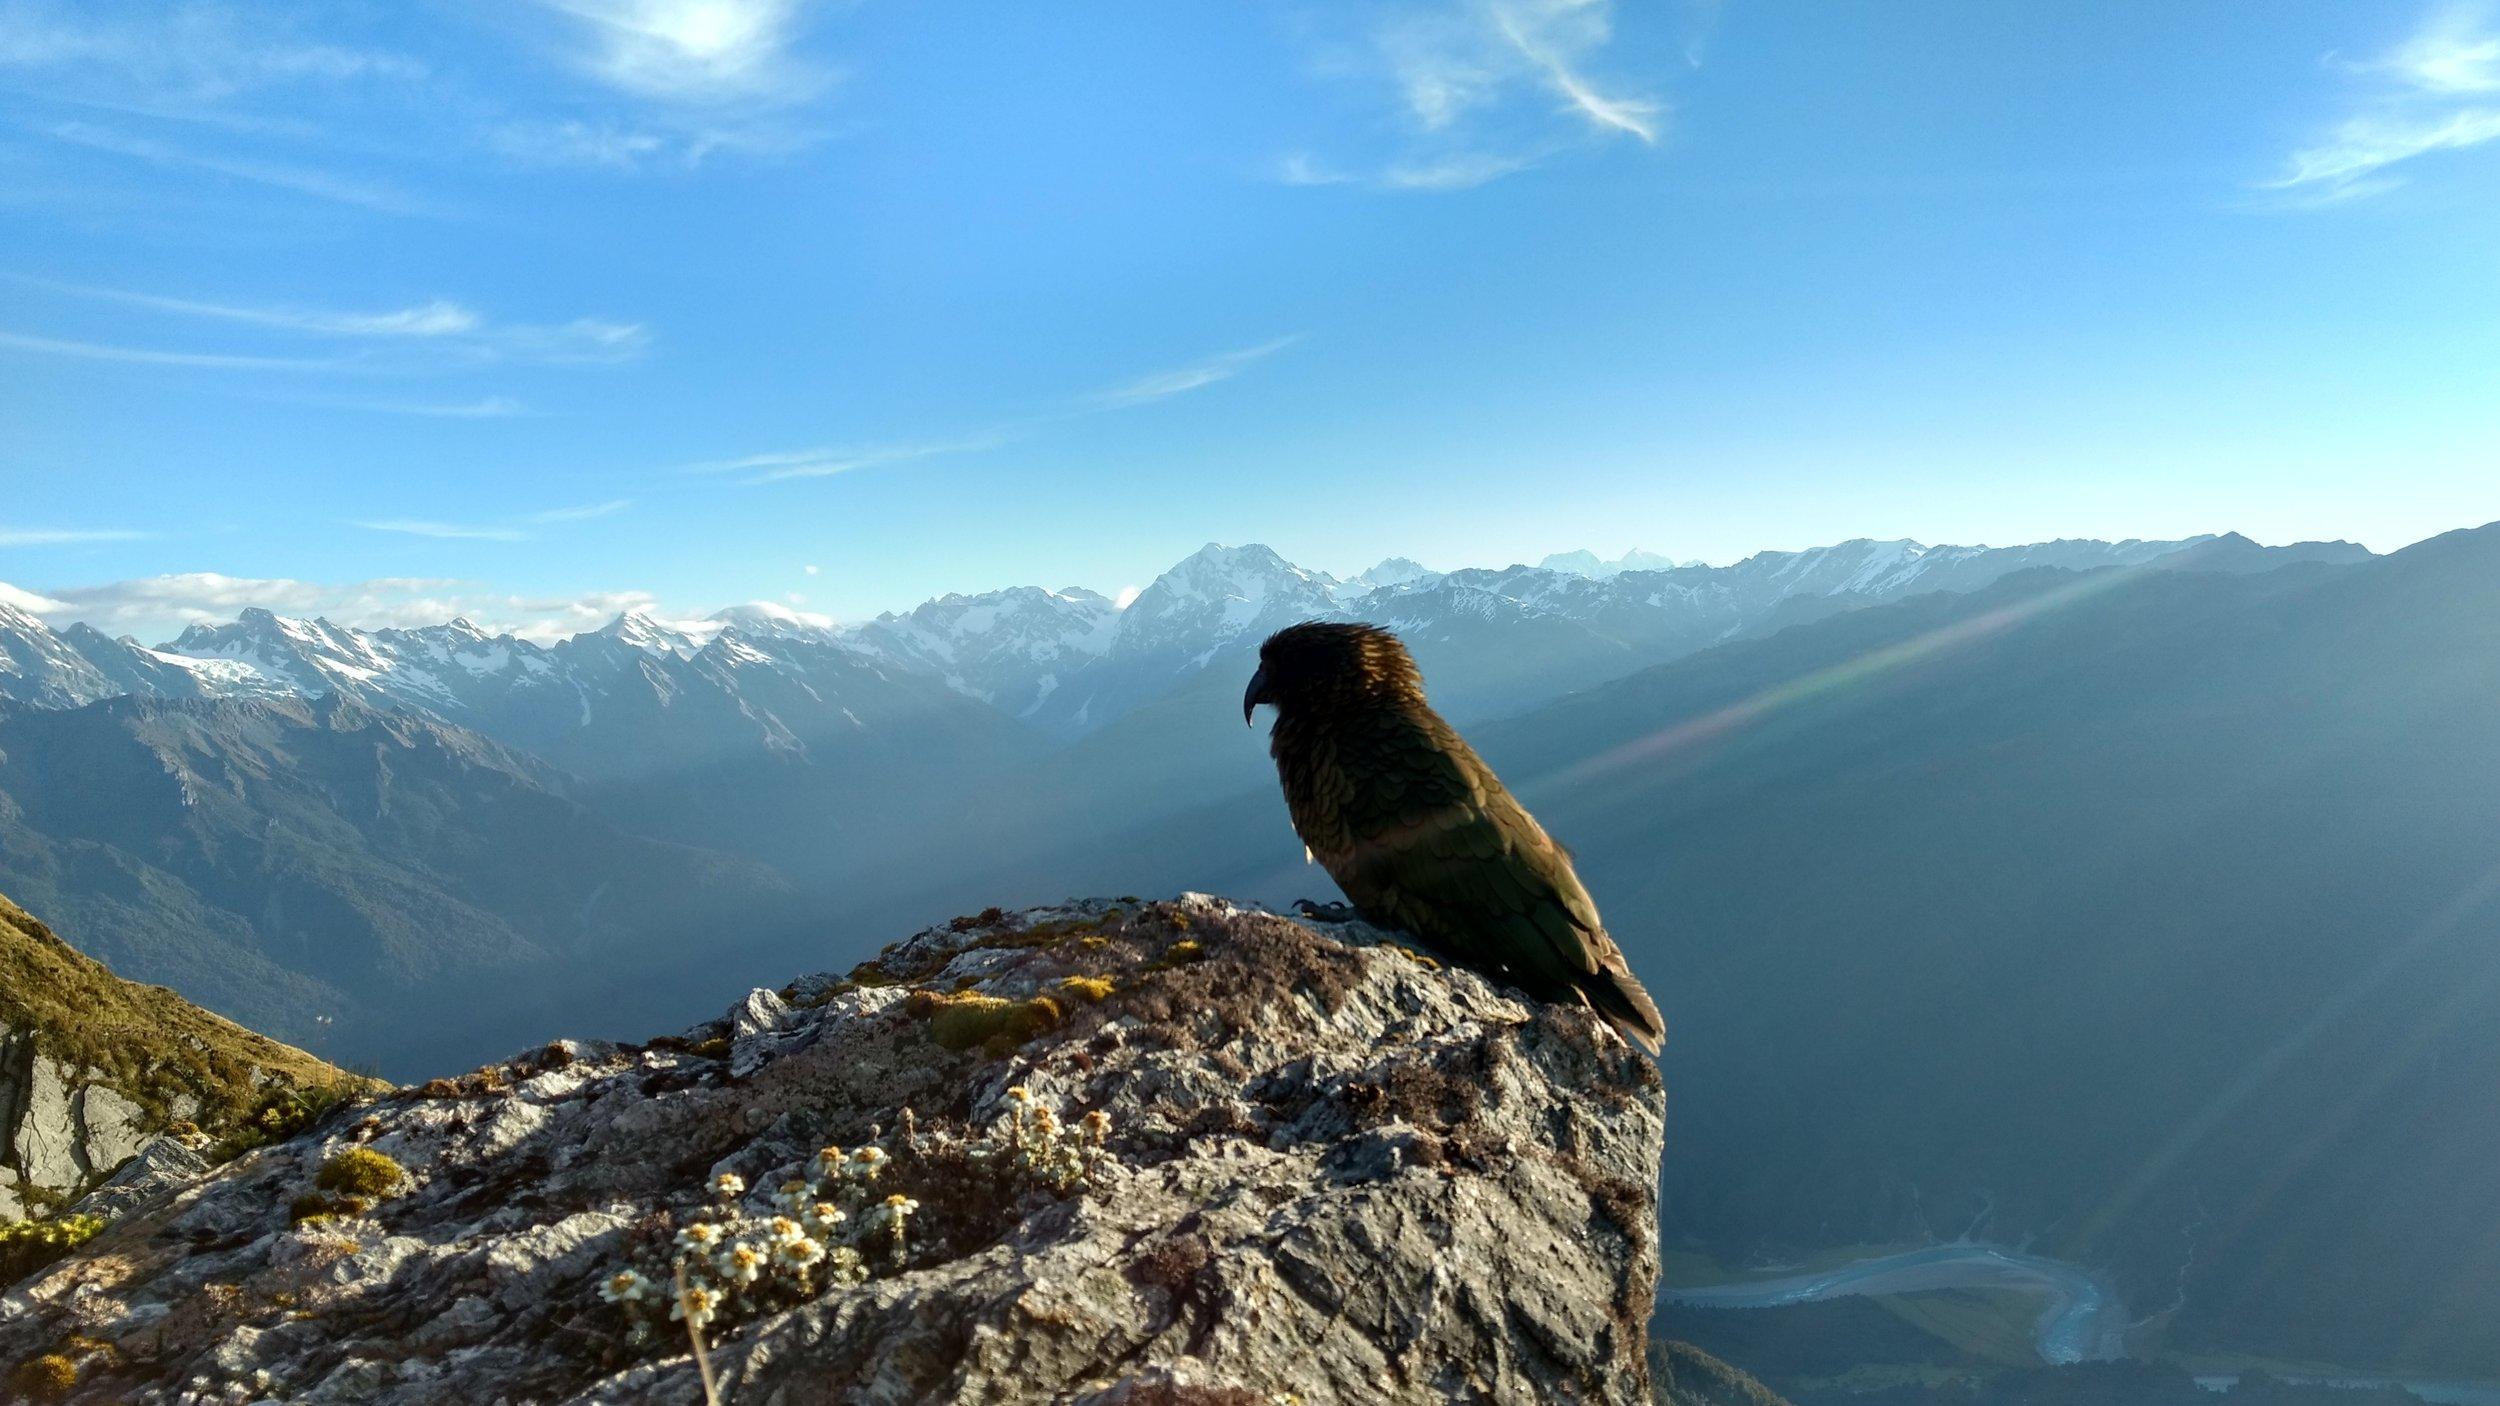 Kea perched on the Edge